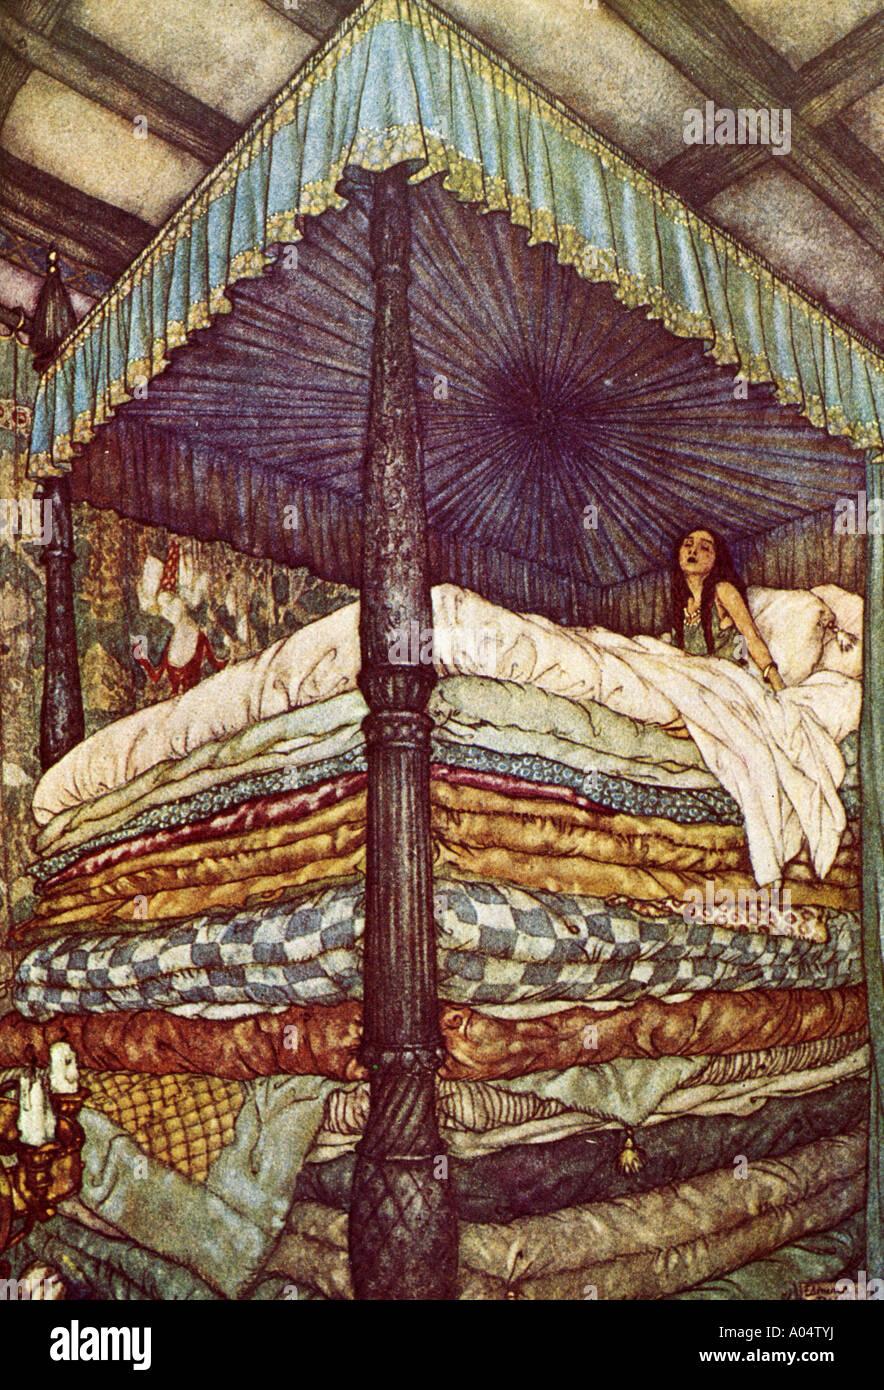 La principessa sul pisello a 1911 illustrazione del classico racconto fairy Immagini Stock